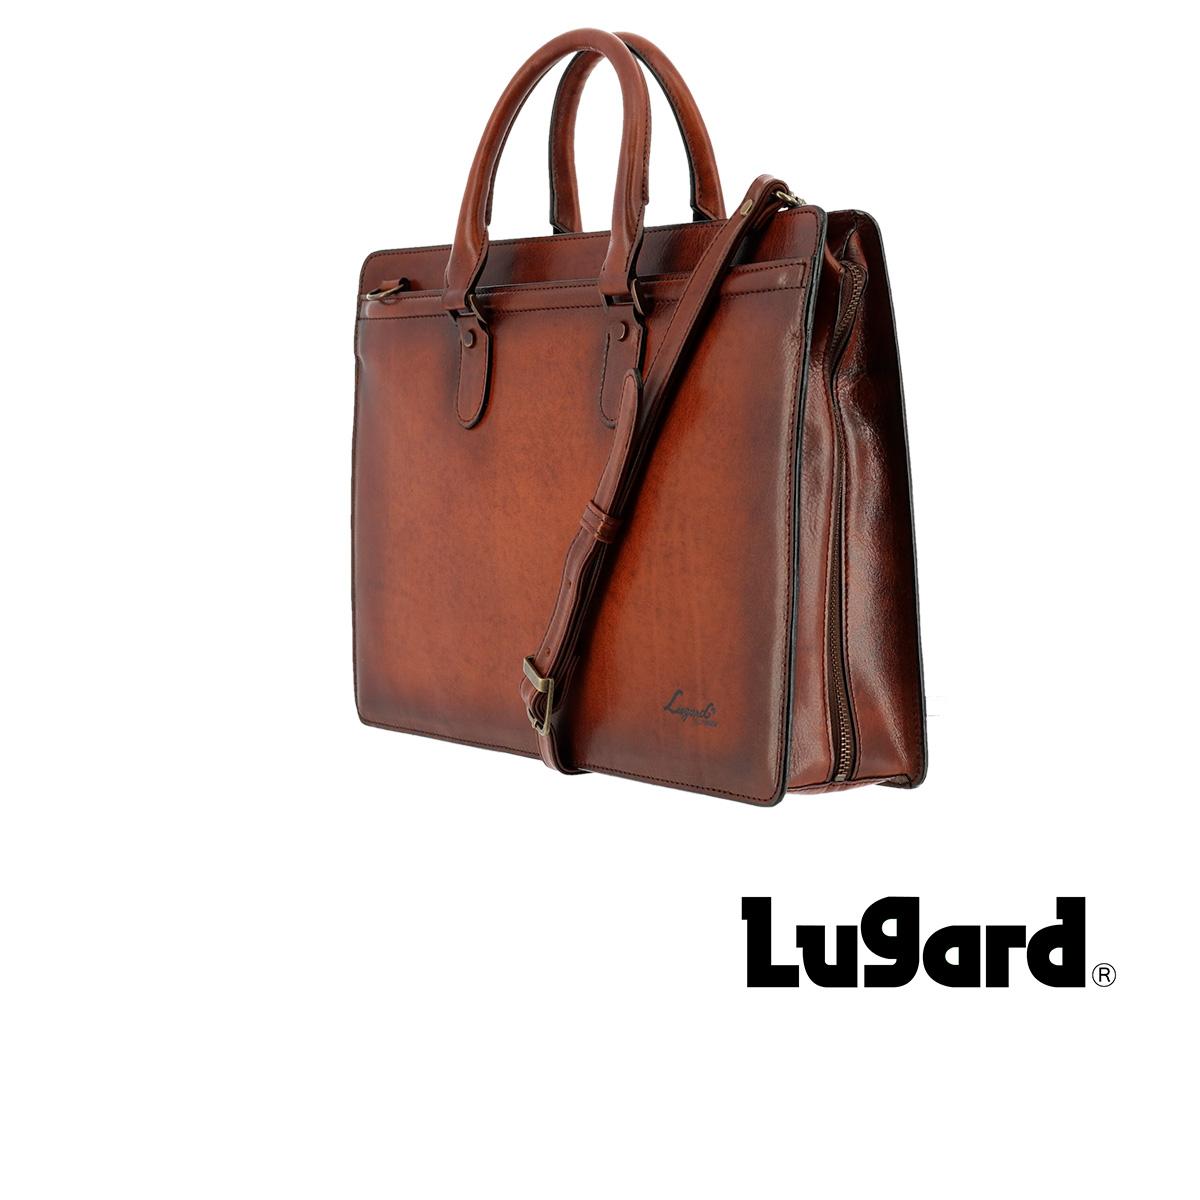 青木鞄 ブリーフケース 5228 Lugard G3 | ショルダーバッグ ビジネスバッグ メンズ レザー 本革[bef][PO10]